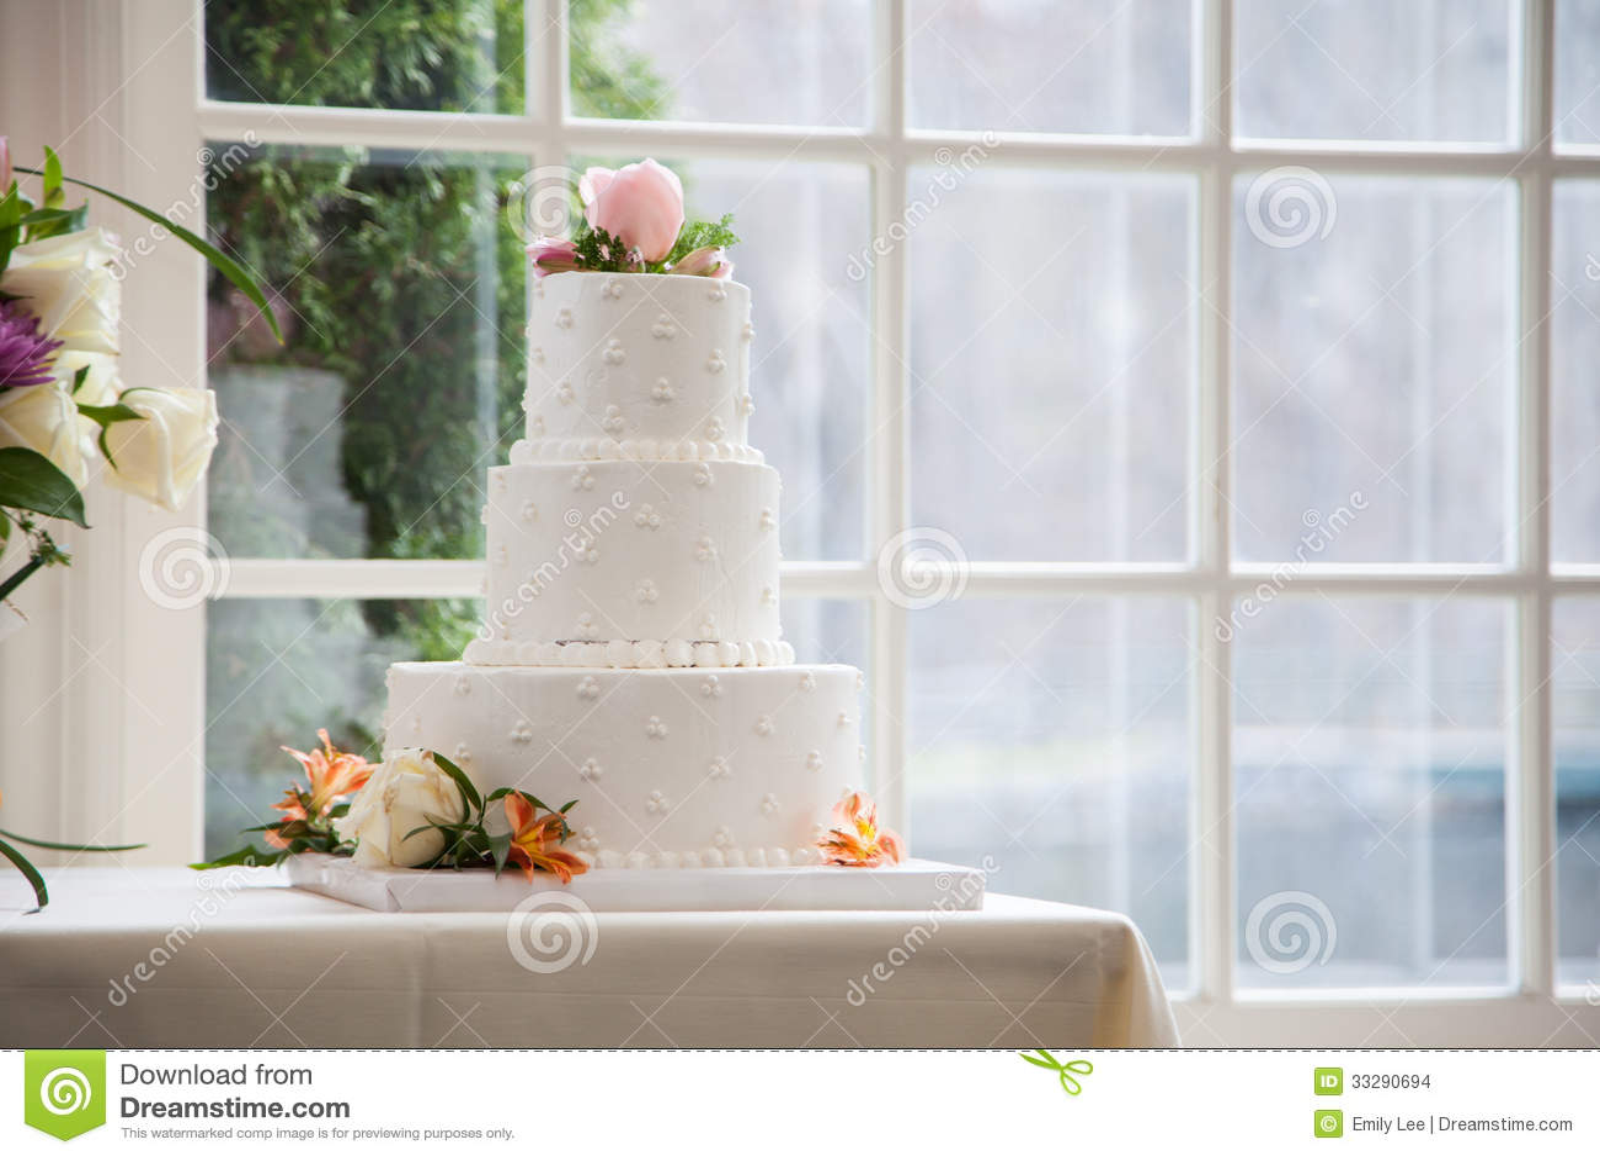 Einfache Elegante Hochzeitstorte Stockfoto Bild Von Partei